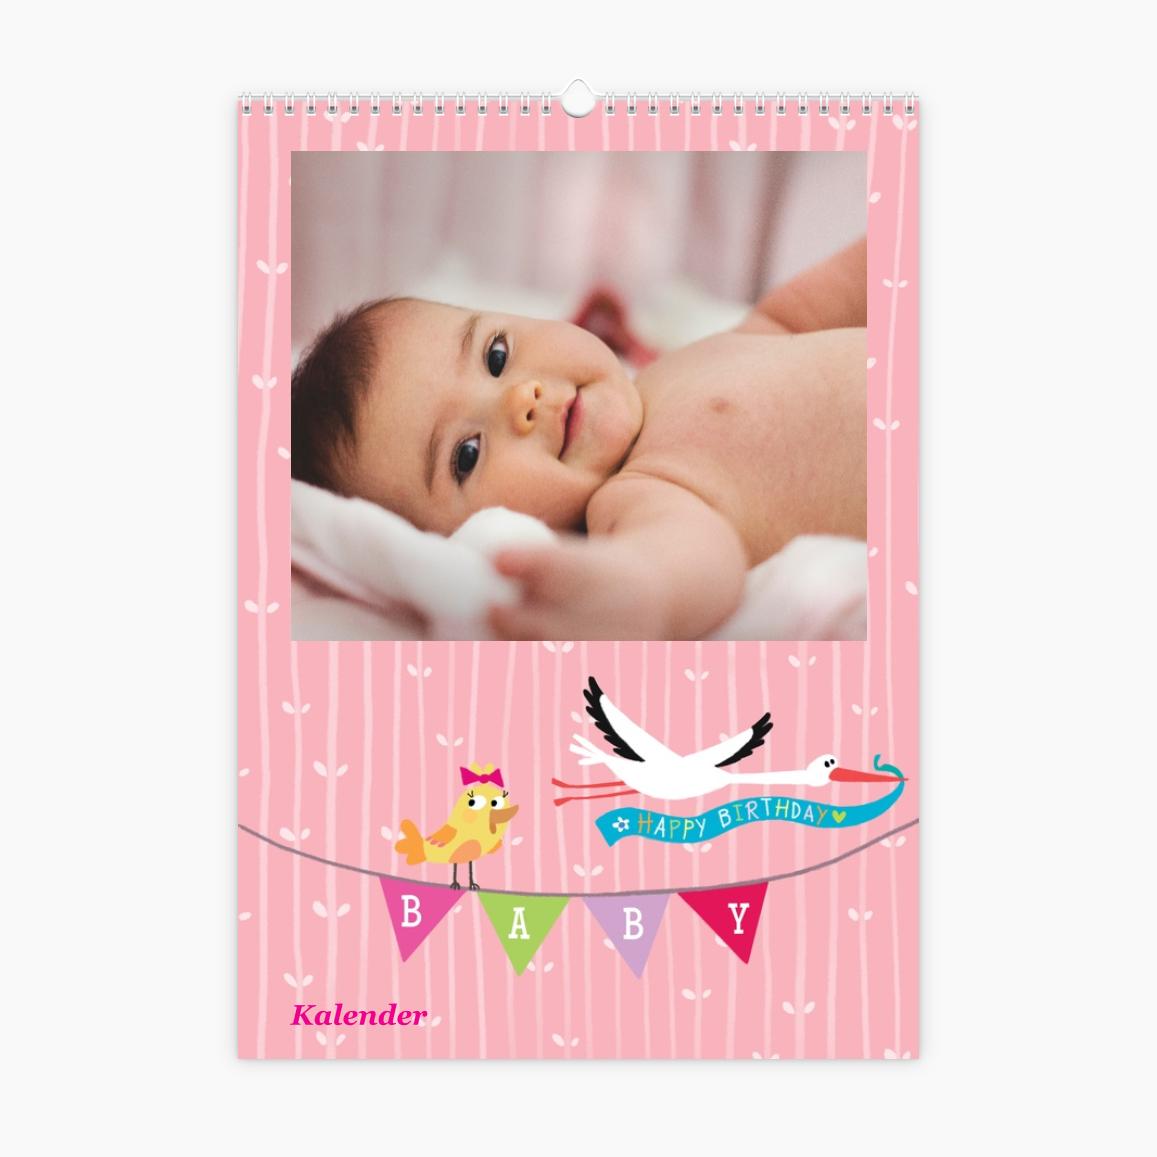 Fotokalender - Kinder und Zucker pink